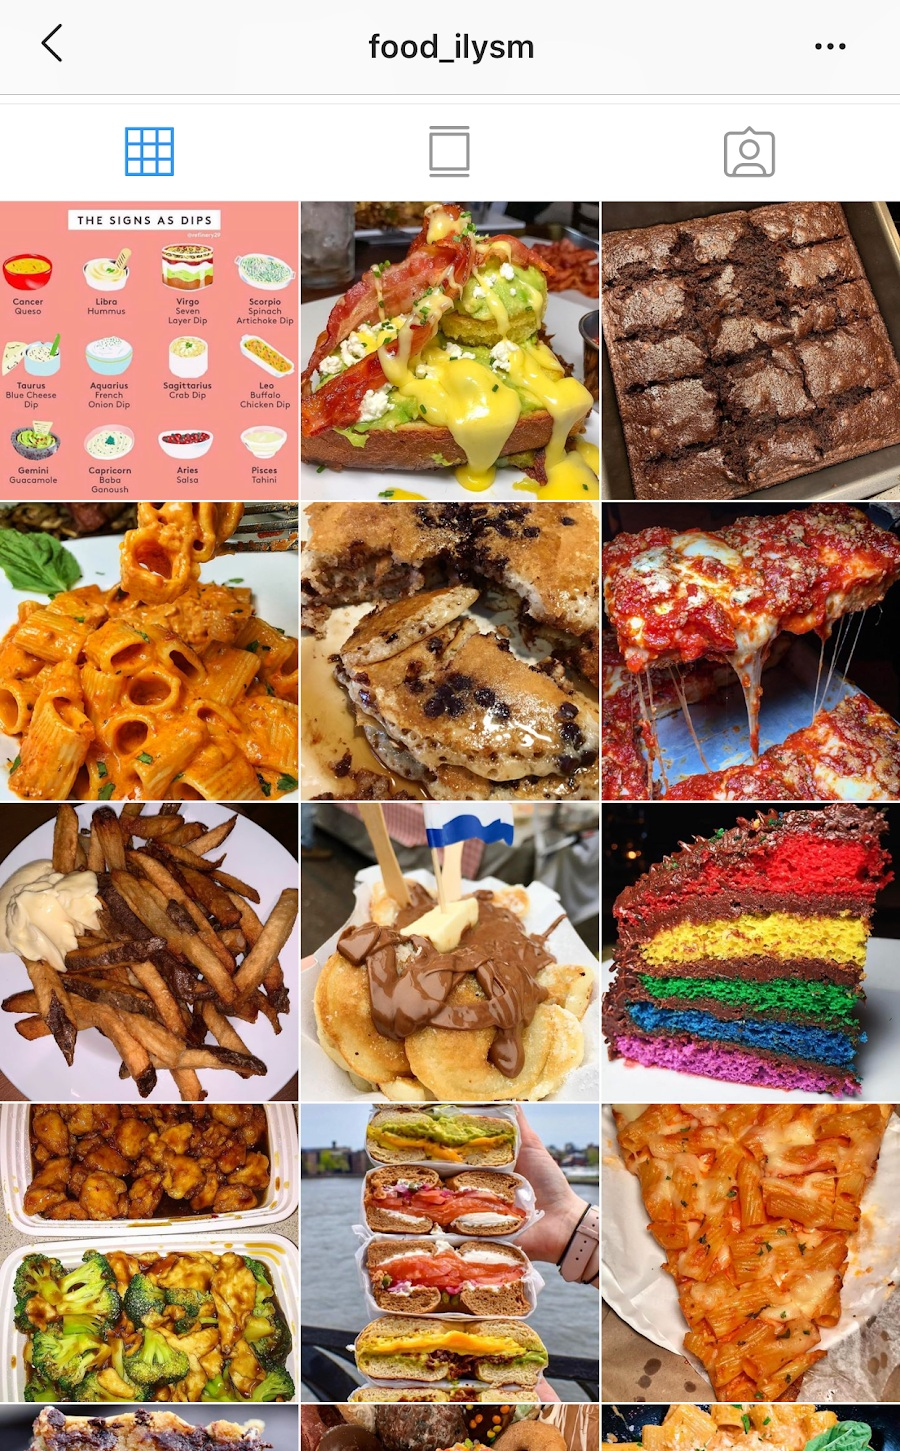 food_ilysm.jpg